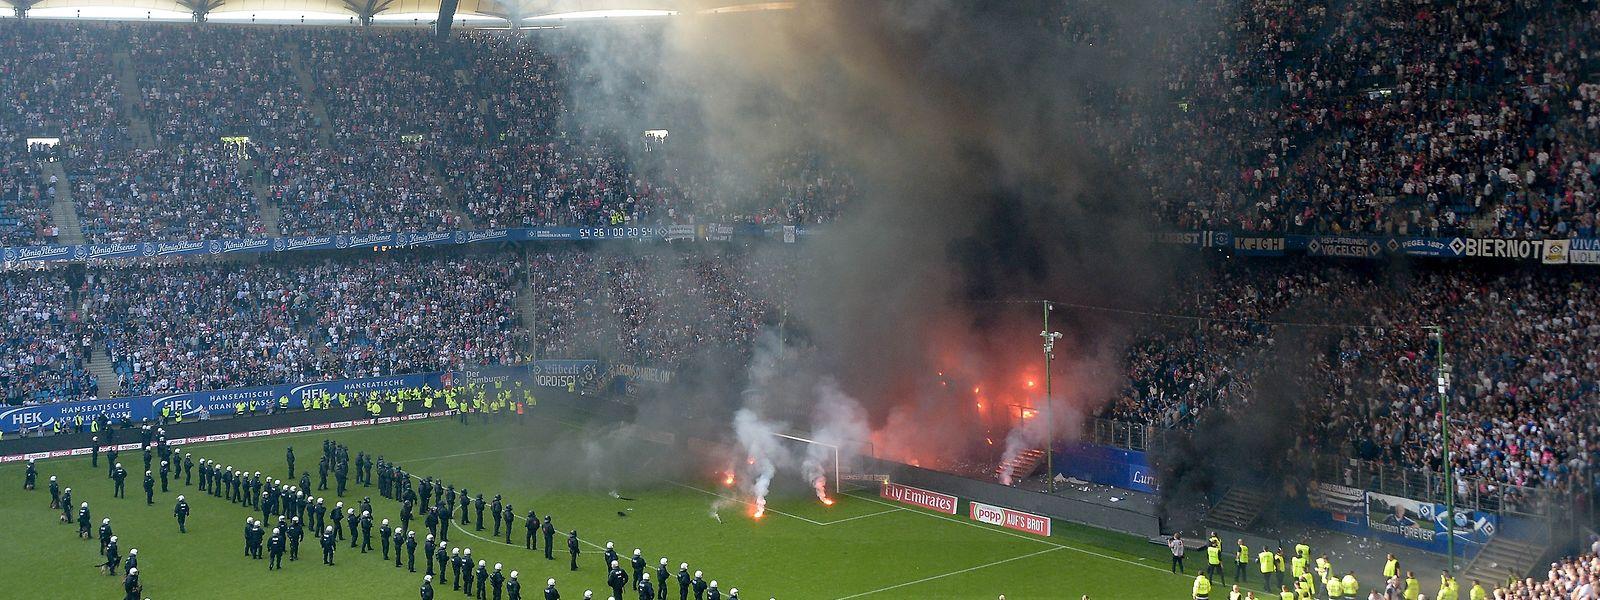 Mit Bildern von Randalen verabschiedet sich der Hamburger SV in die 2. Bundesliga.